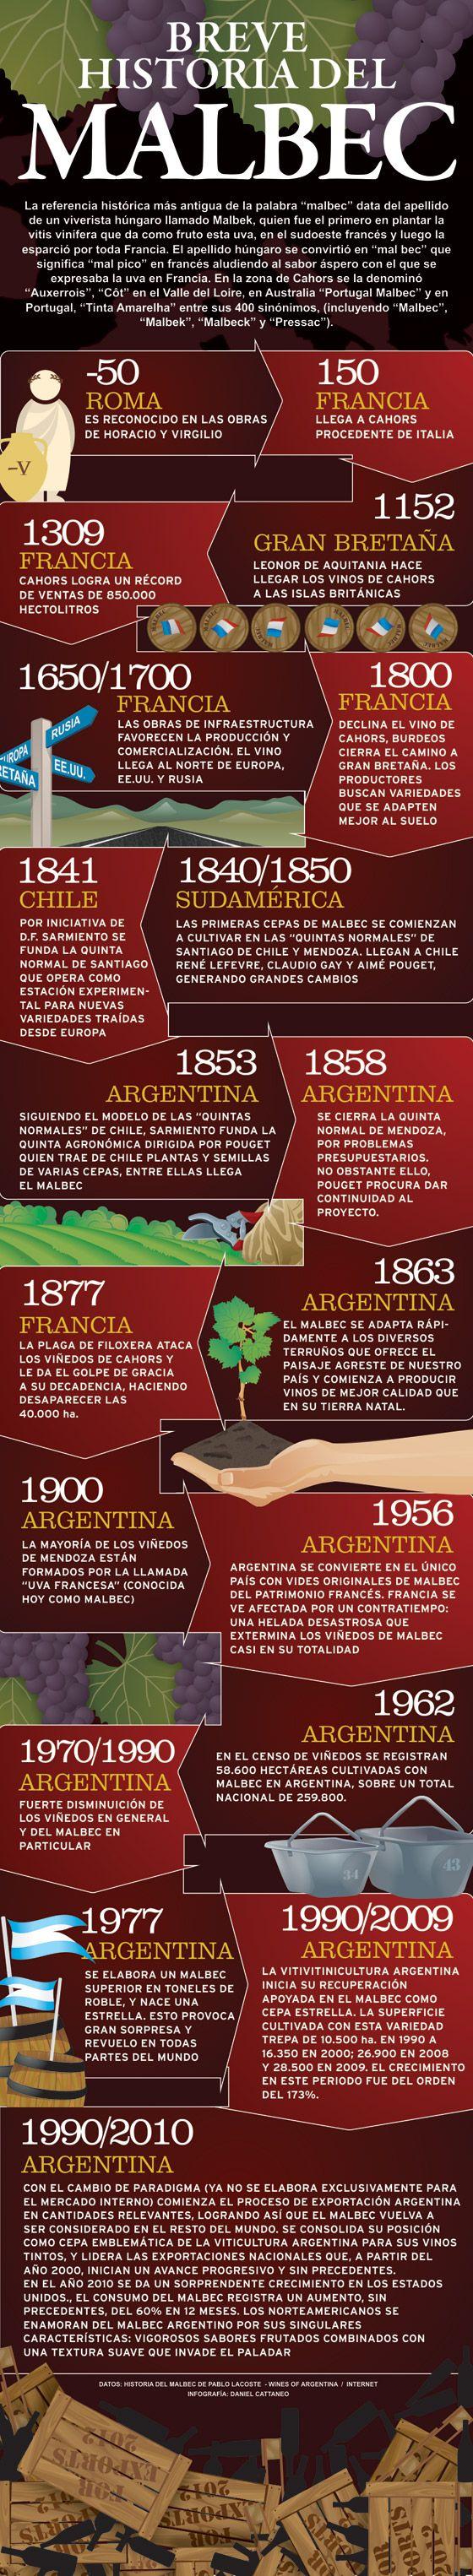 Breve historia del Malbec « Winesur